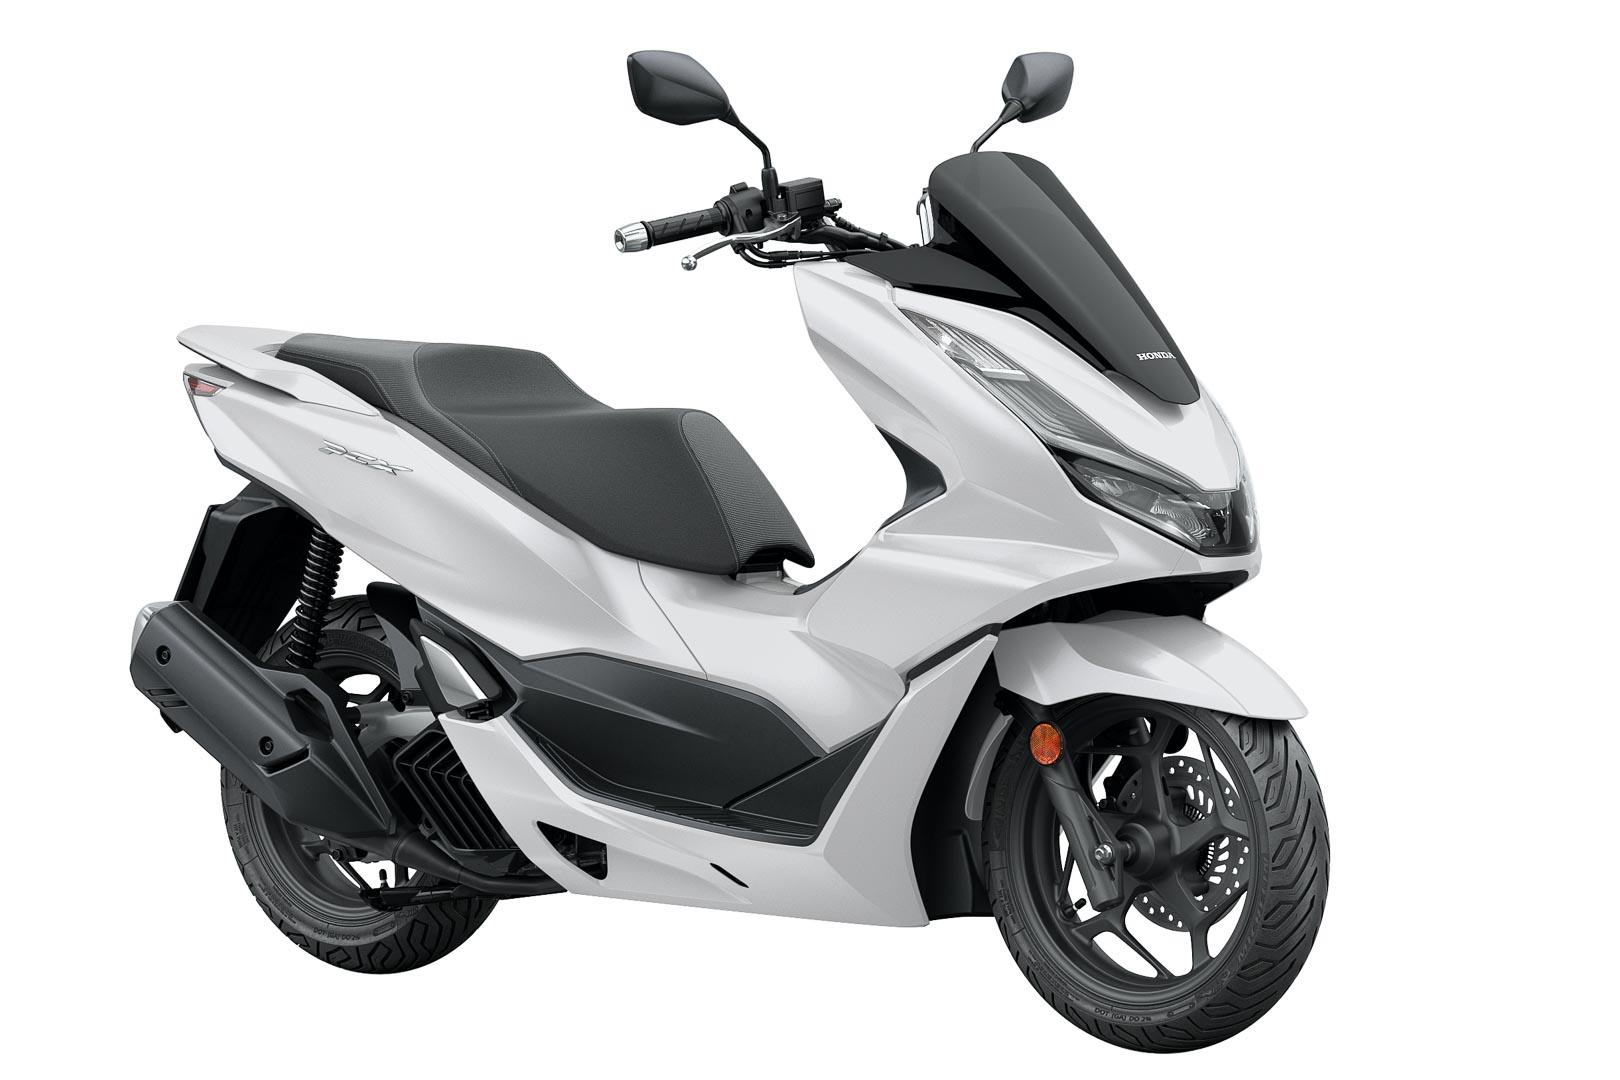 2022 Honda PCX First Look (+ '22 Ruckus and Metropolitan)